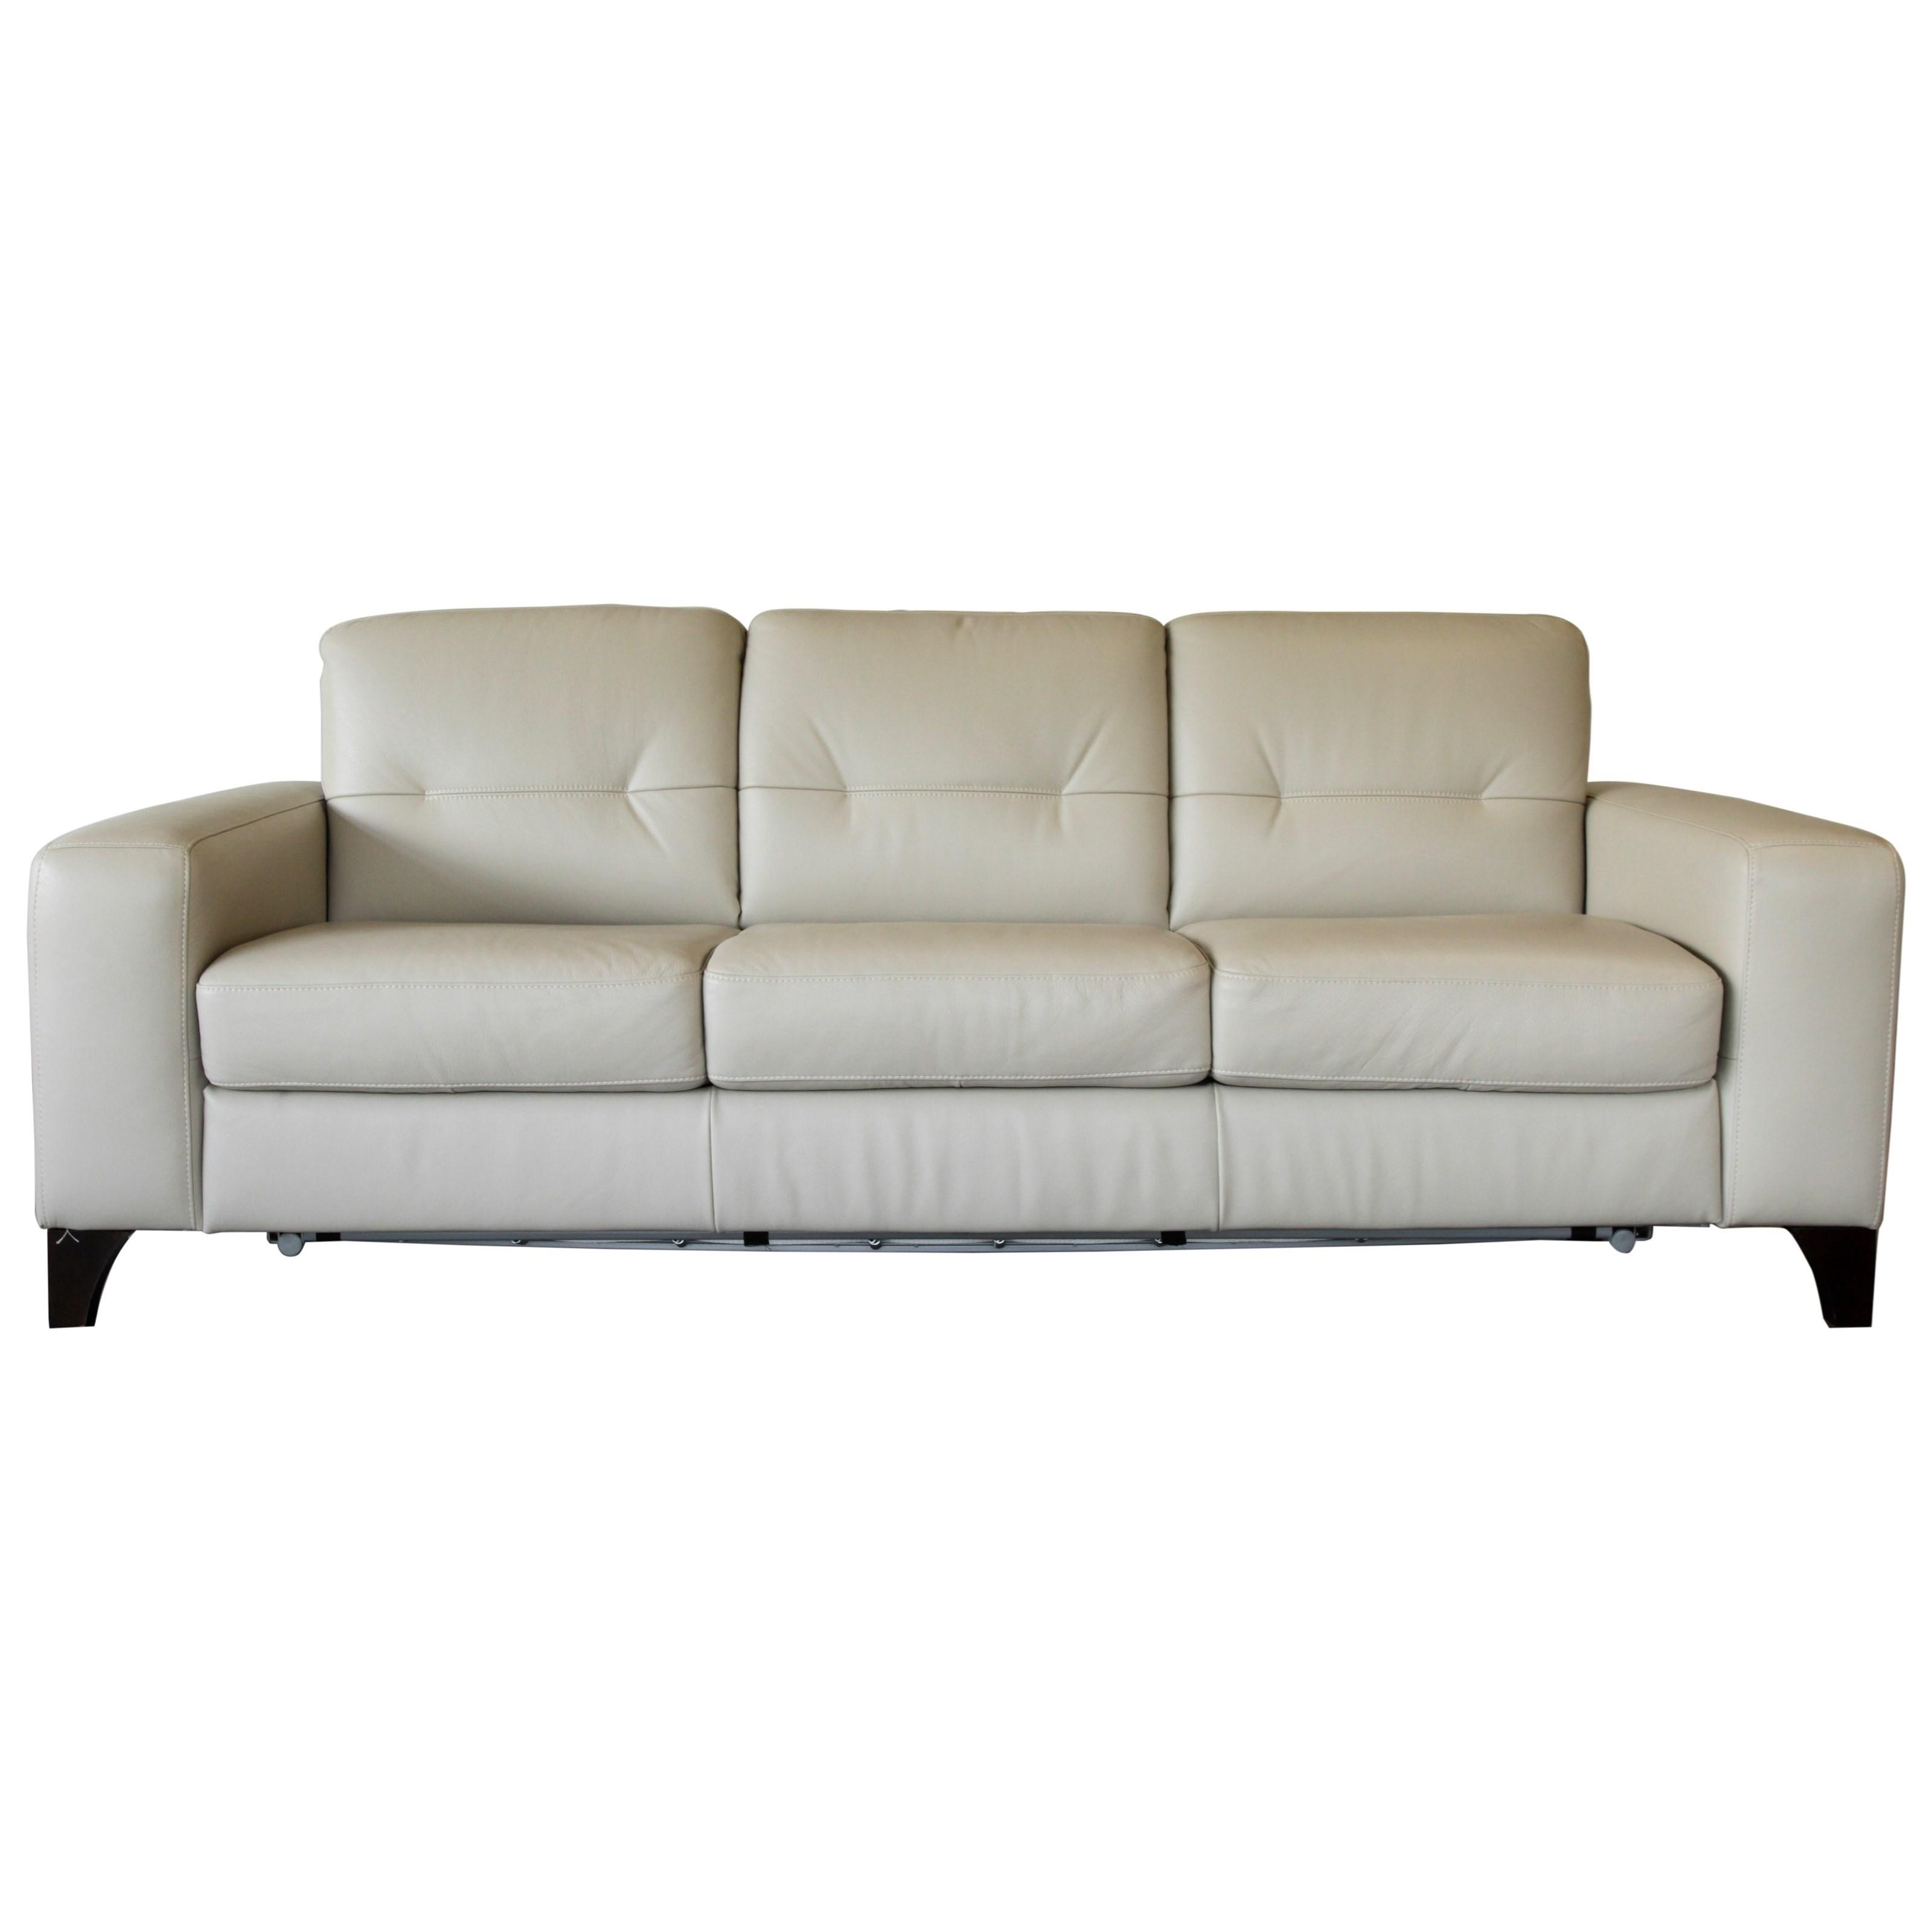 Valerio Sleeper Sofa by Natuzzi Editions at Williams & Kay